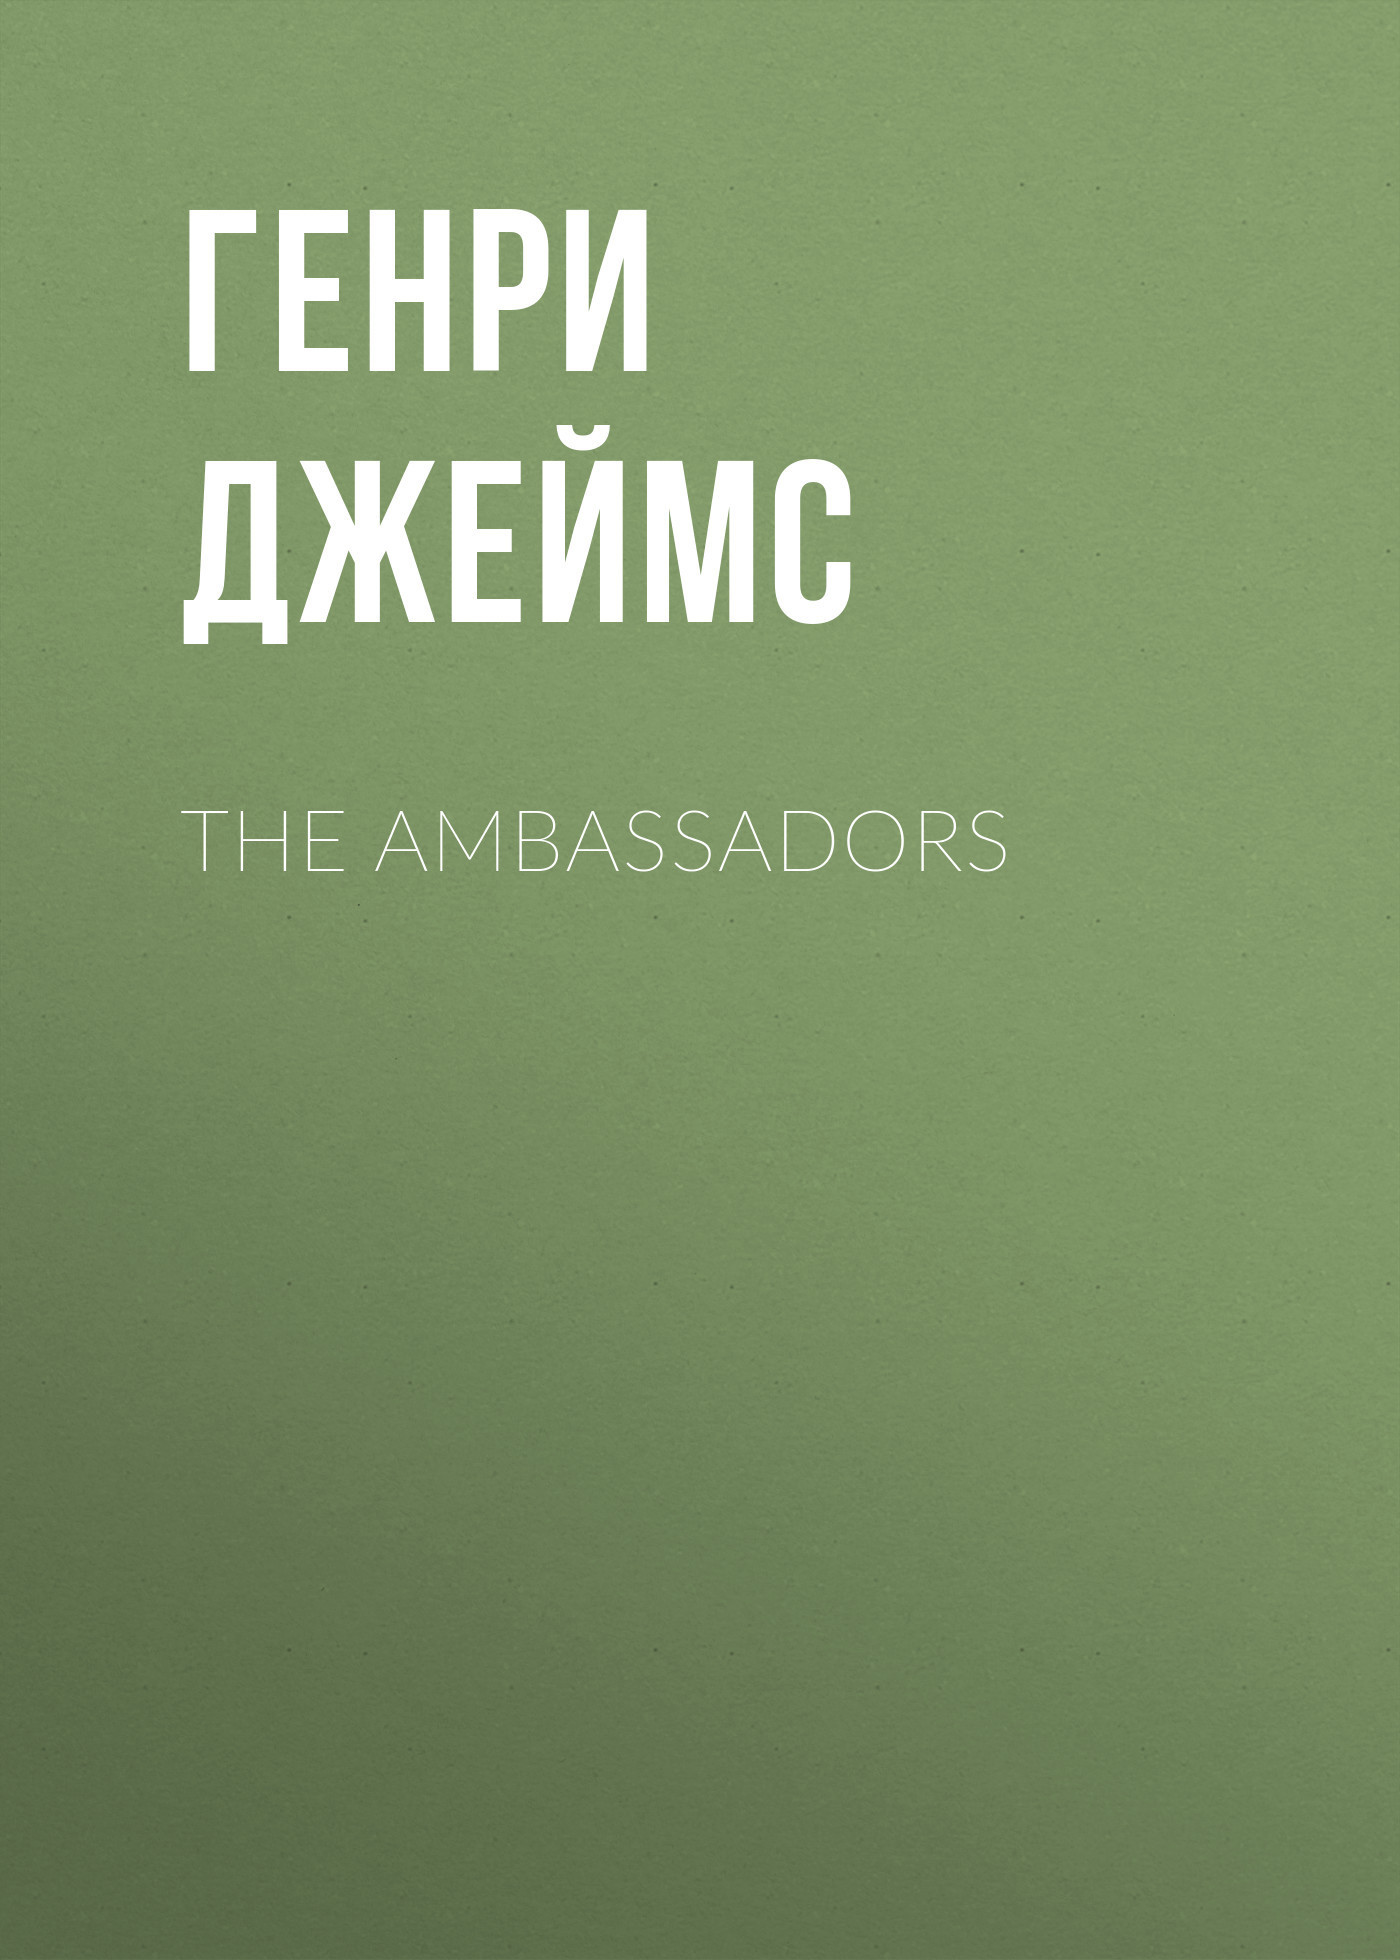 Генри Джеймс The Ambassadors